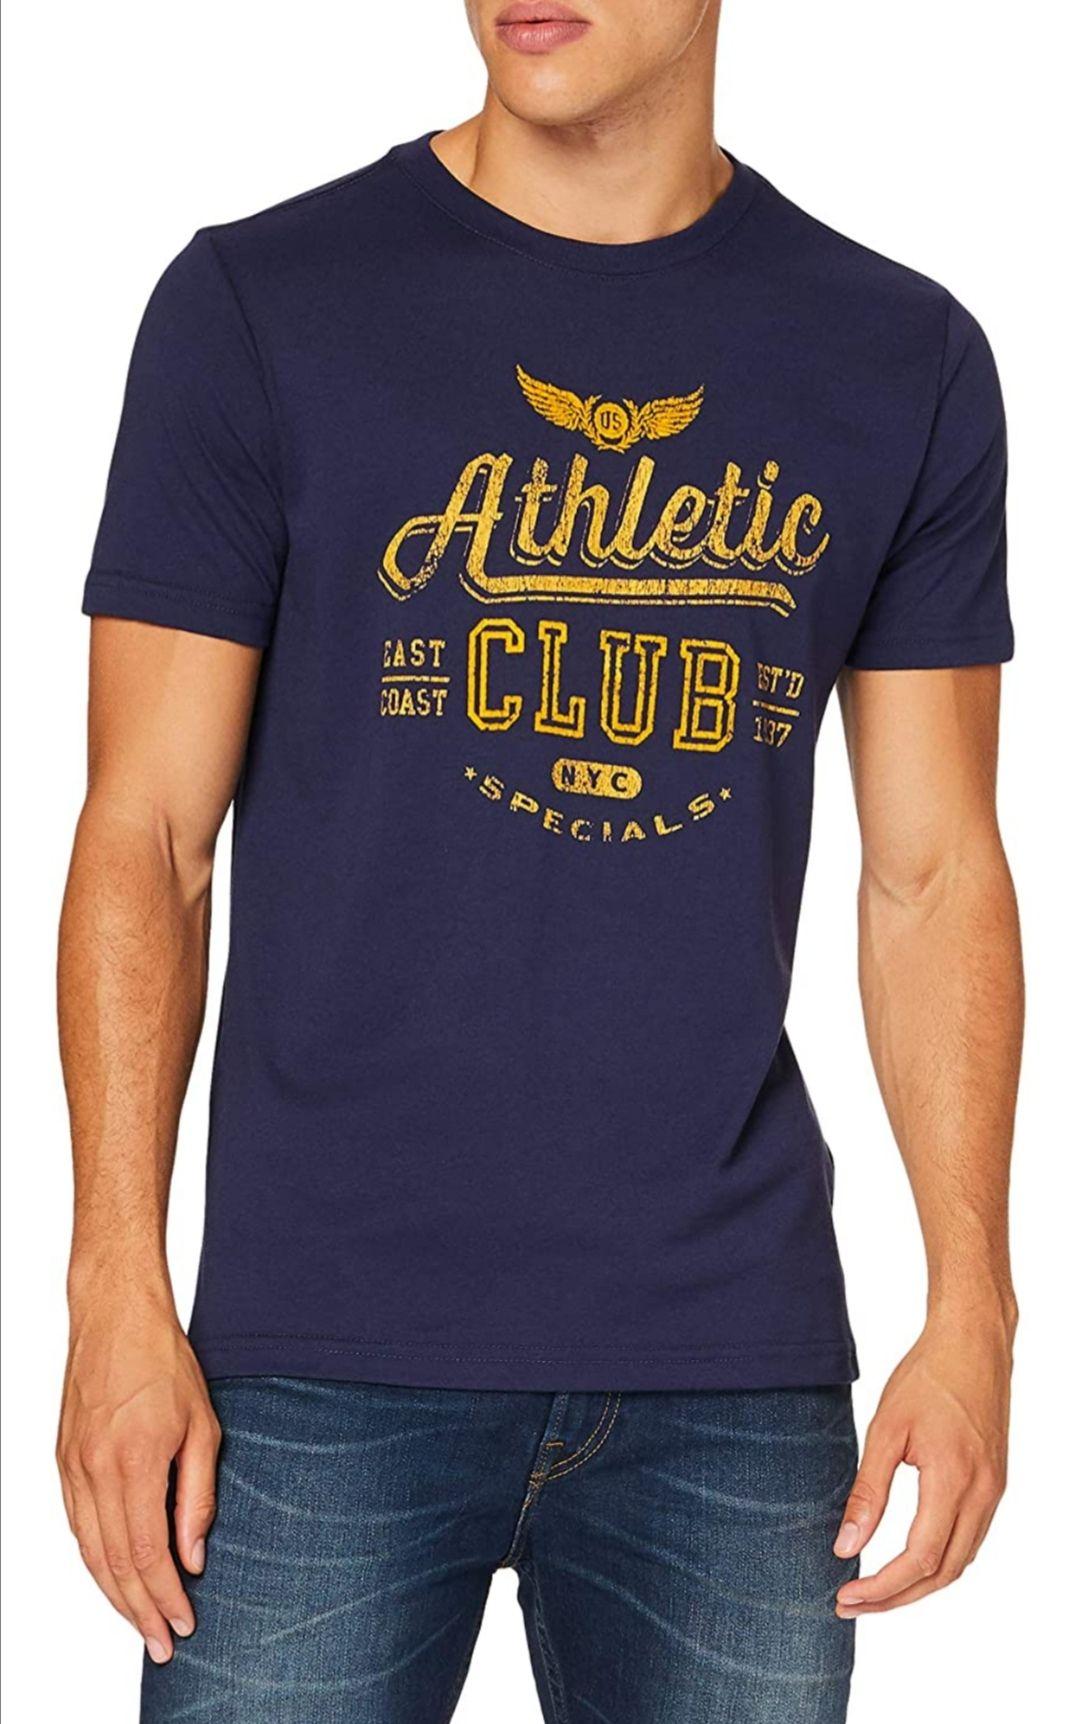 Izod T-shirt (Gratis verzending met Prime)